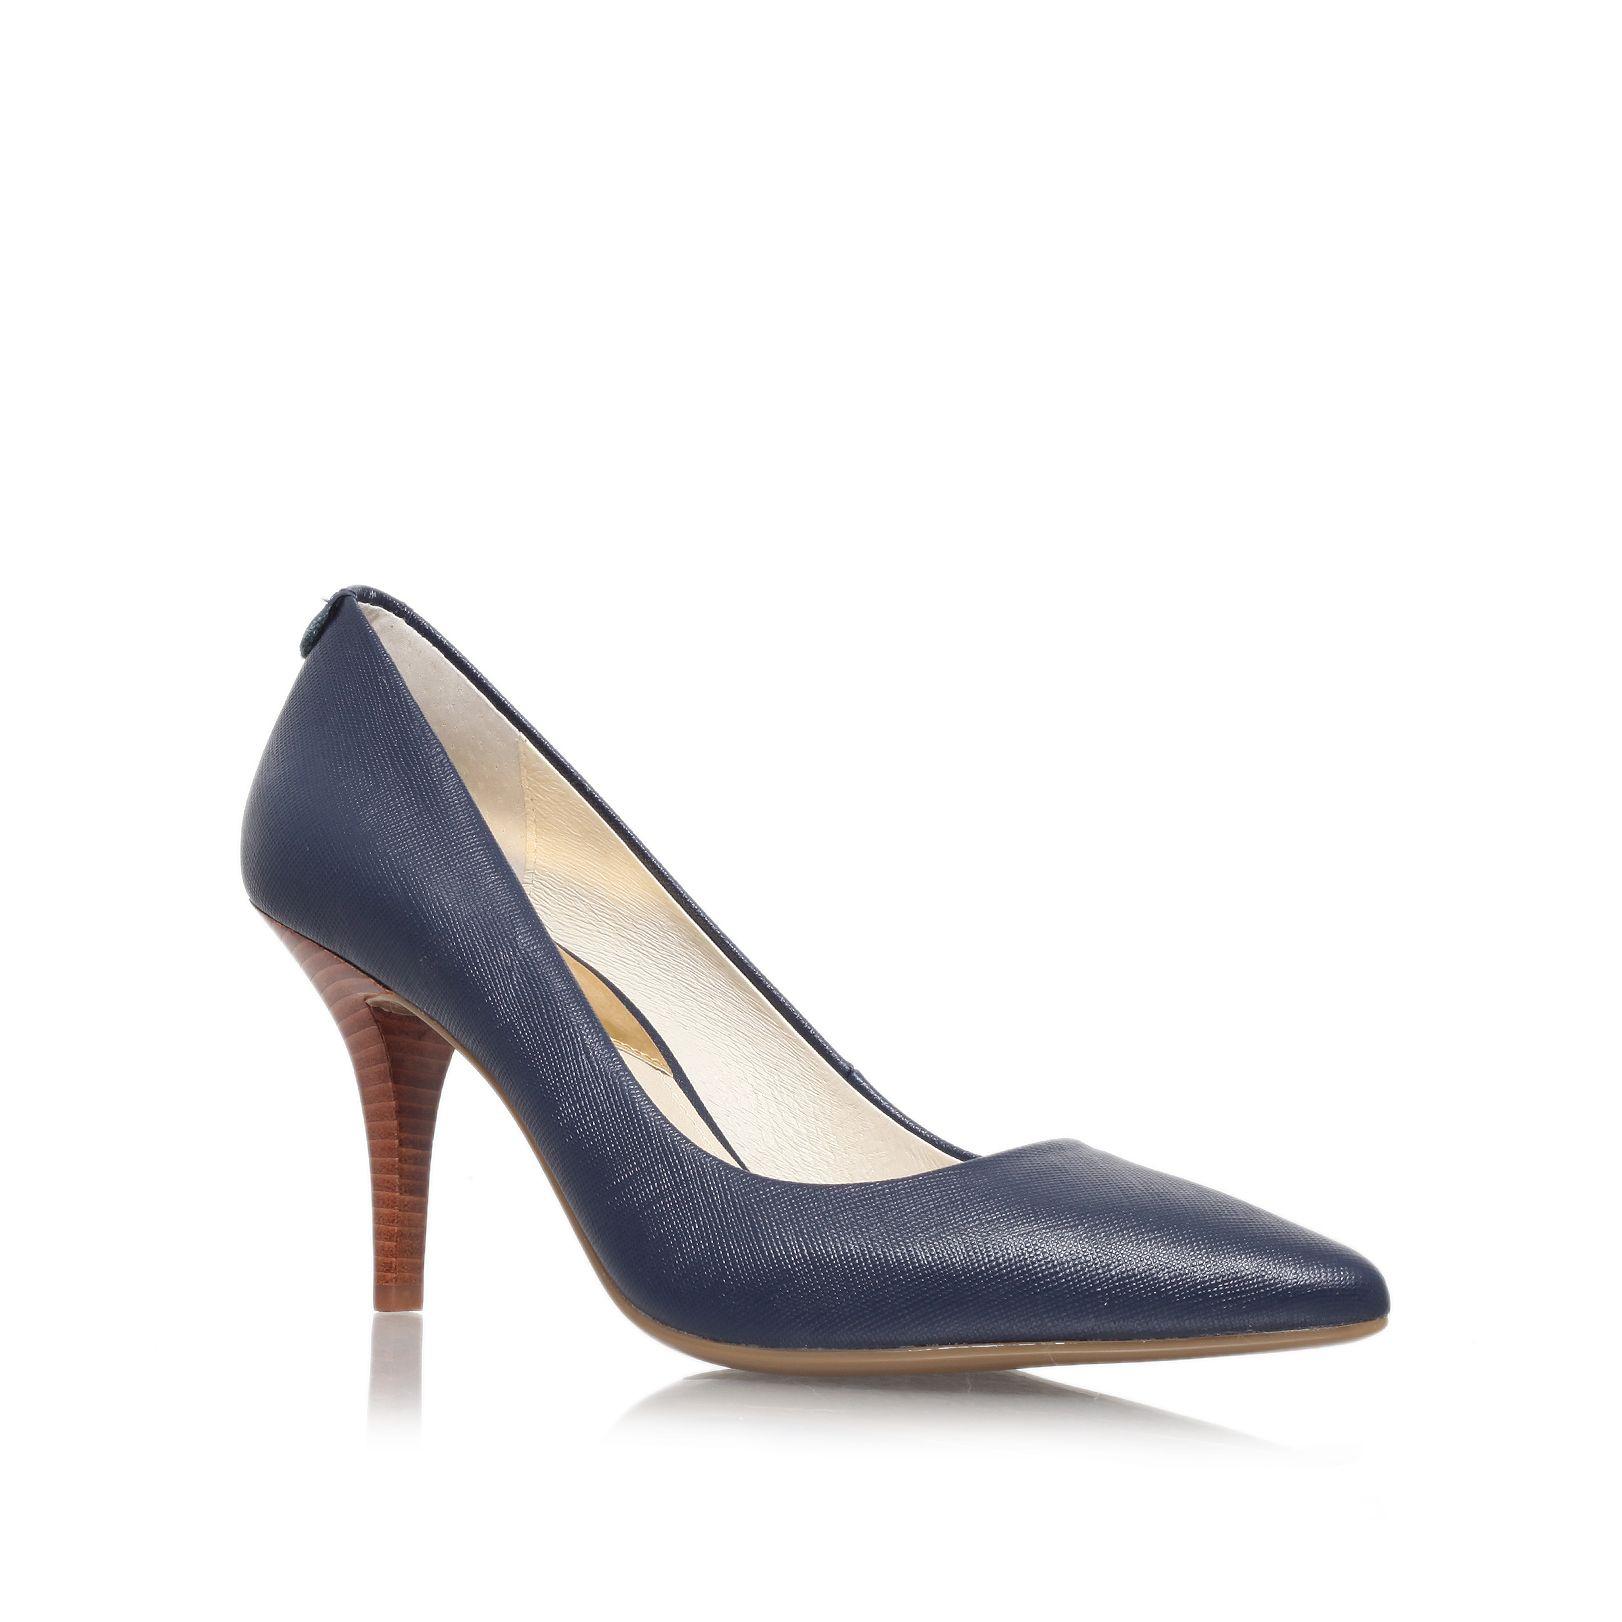 michael kors mk flex high heel court shoes in blue lyst. Black Bedroom Furniture Sets. Home Design Ideas